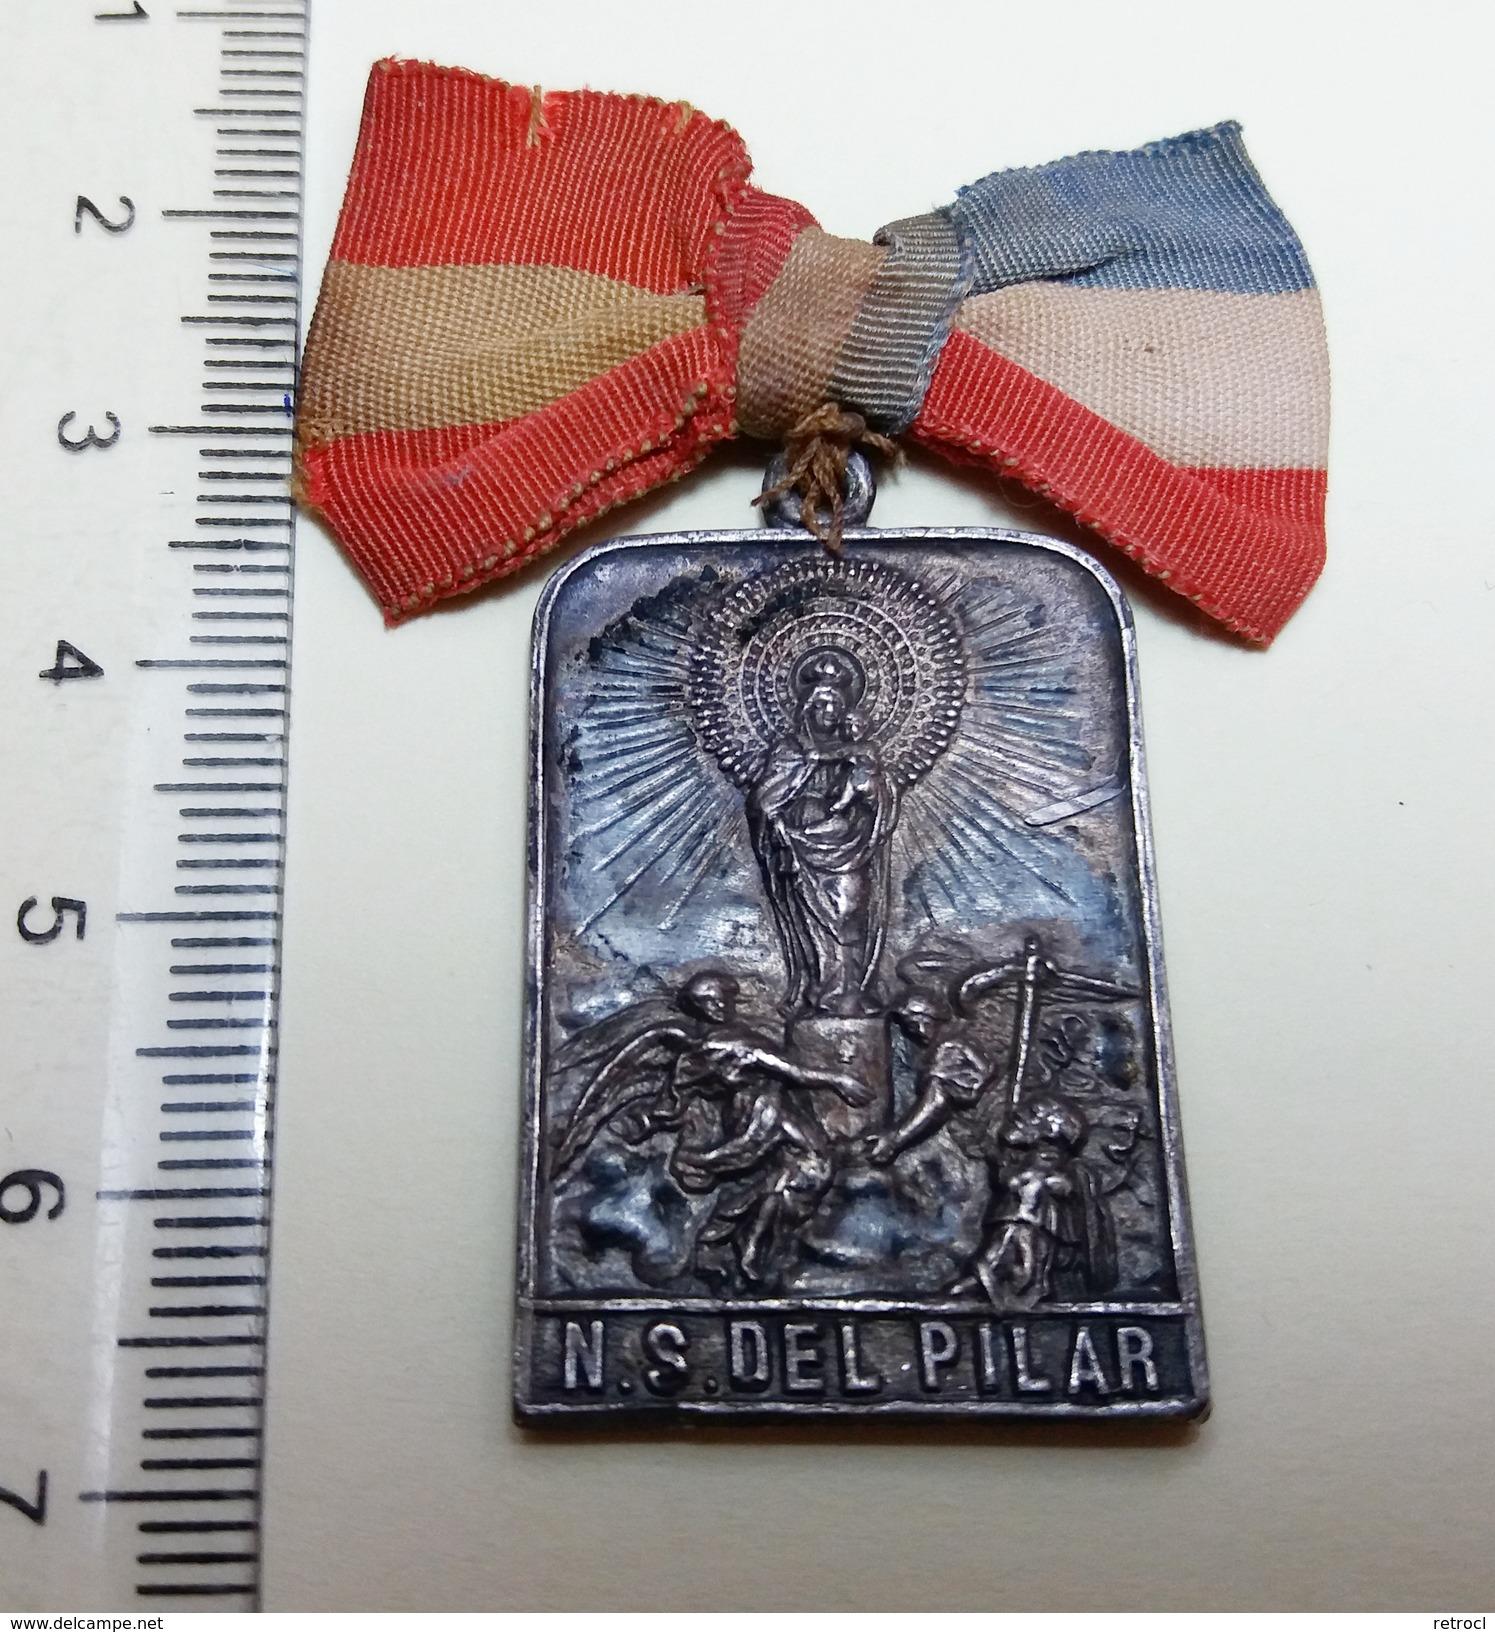 Very Old Pendant - Spain France - Peregrinacion N.S. DEL PILAR - Religión & Esoterismo